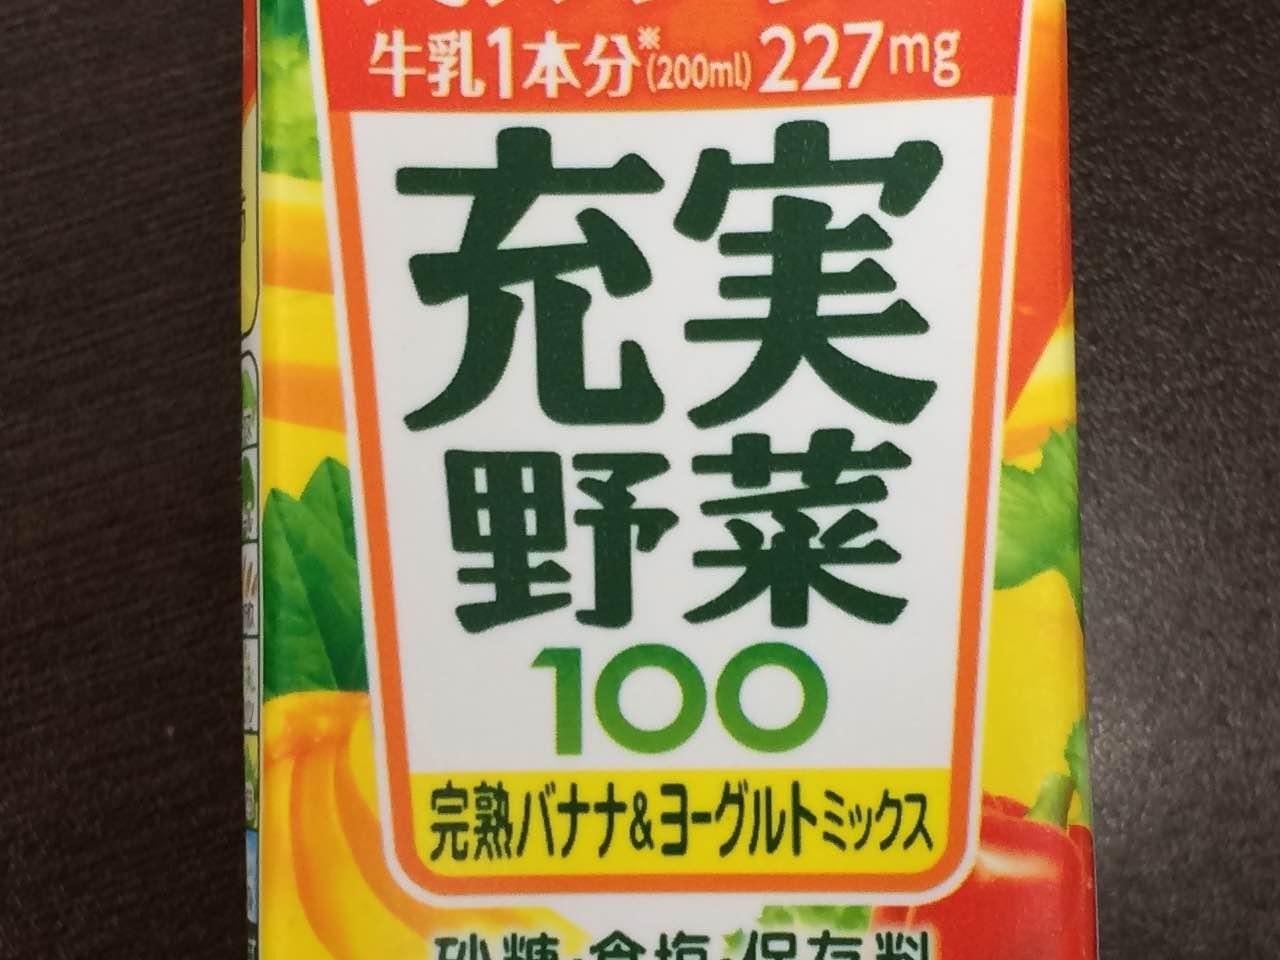 充実野菜 完熟バナナ&ヨーグルトミックス